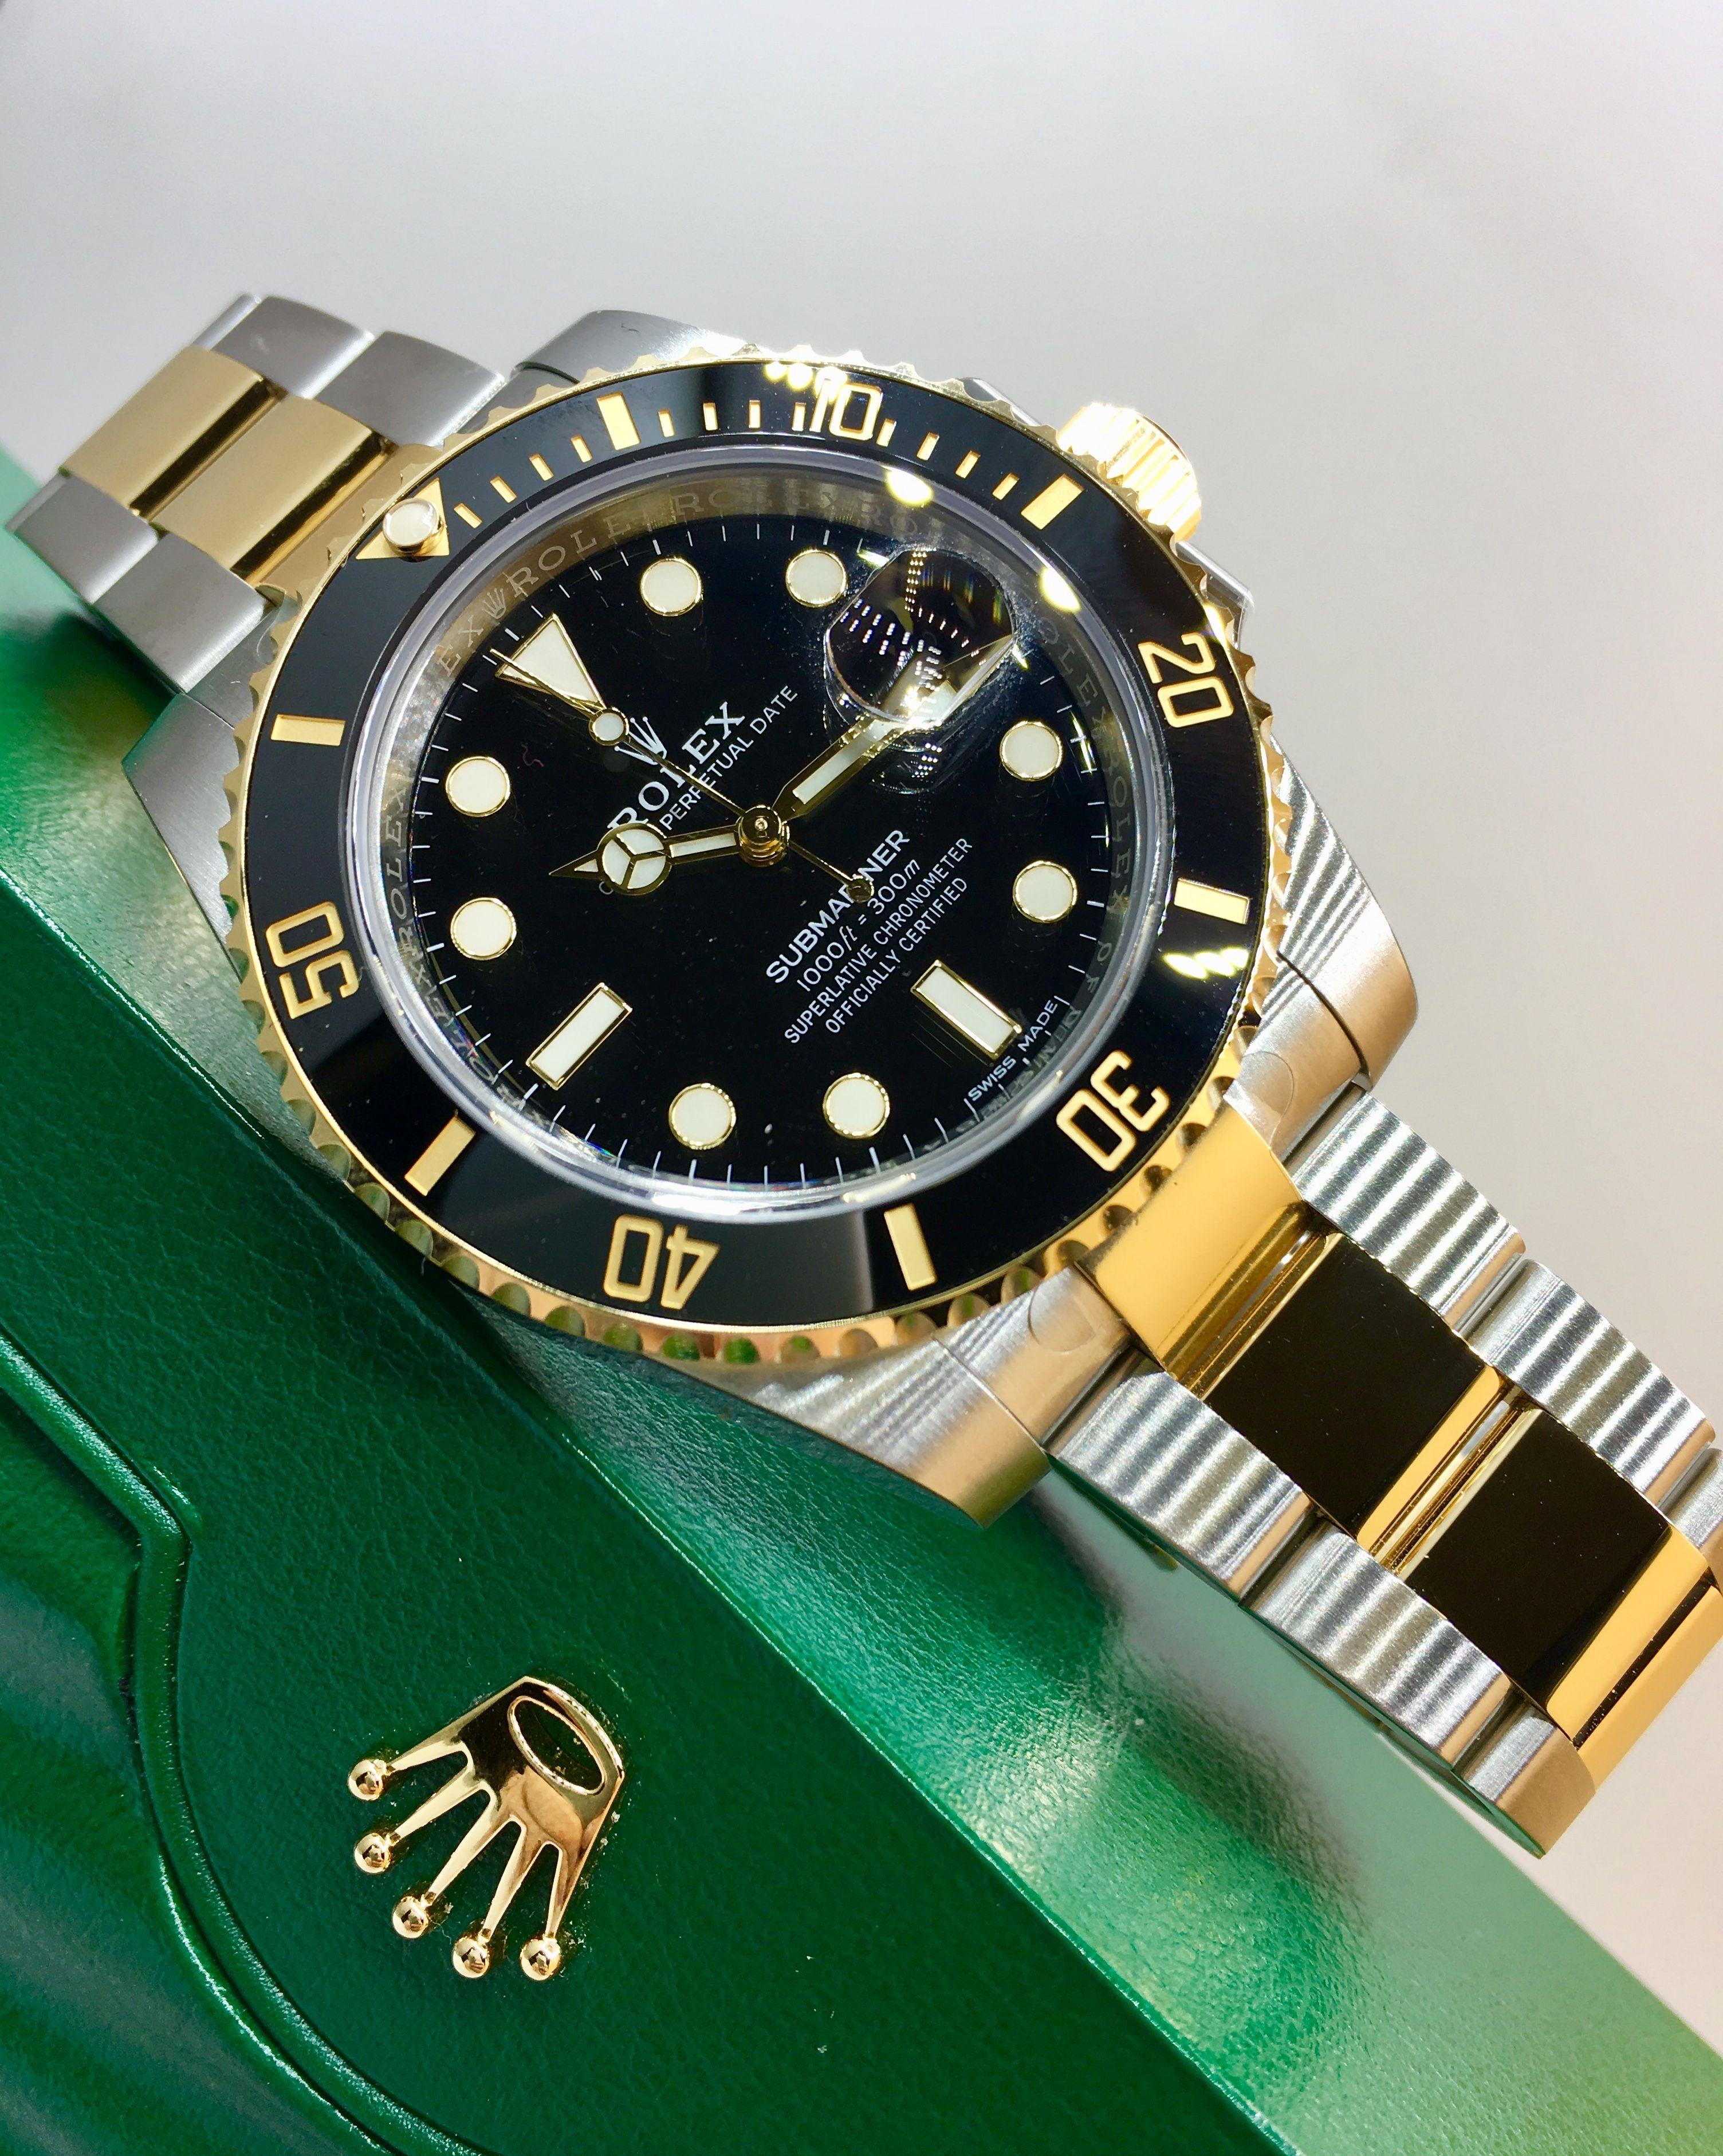 Rolex Submariner Steel Gold Black 116613ln Watches Rolex